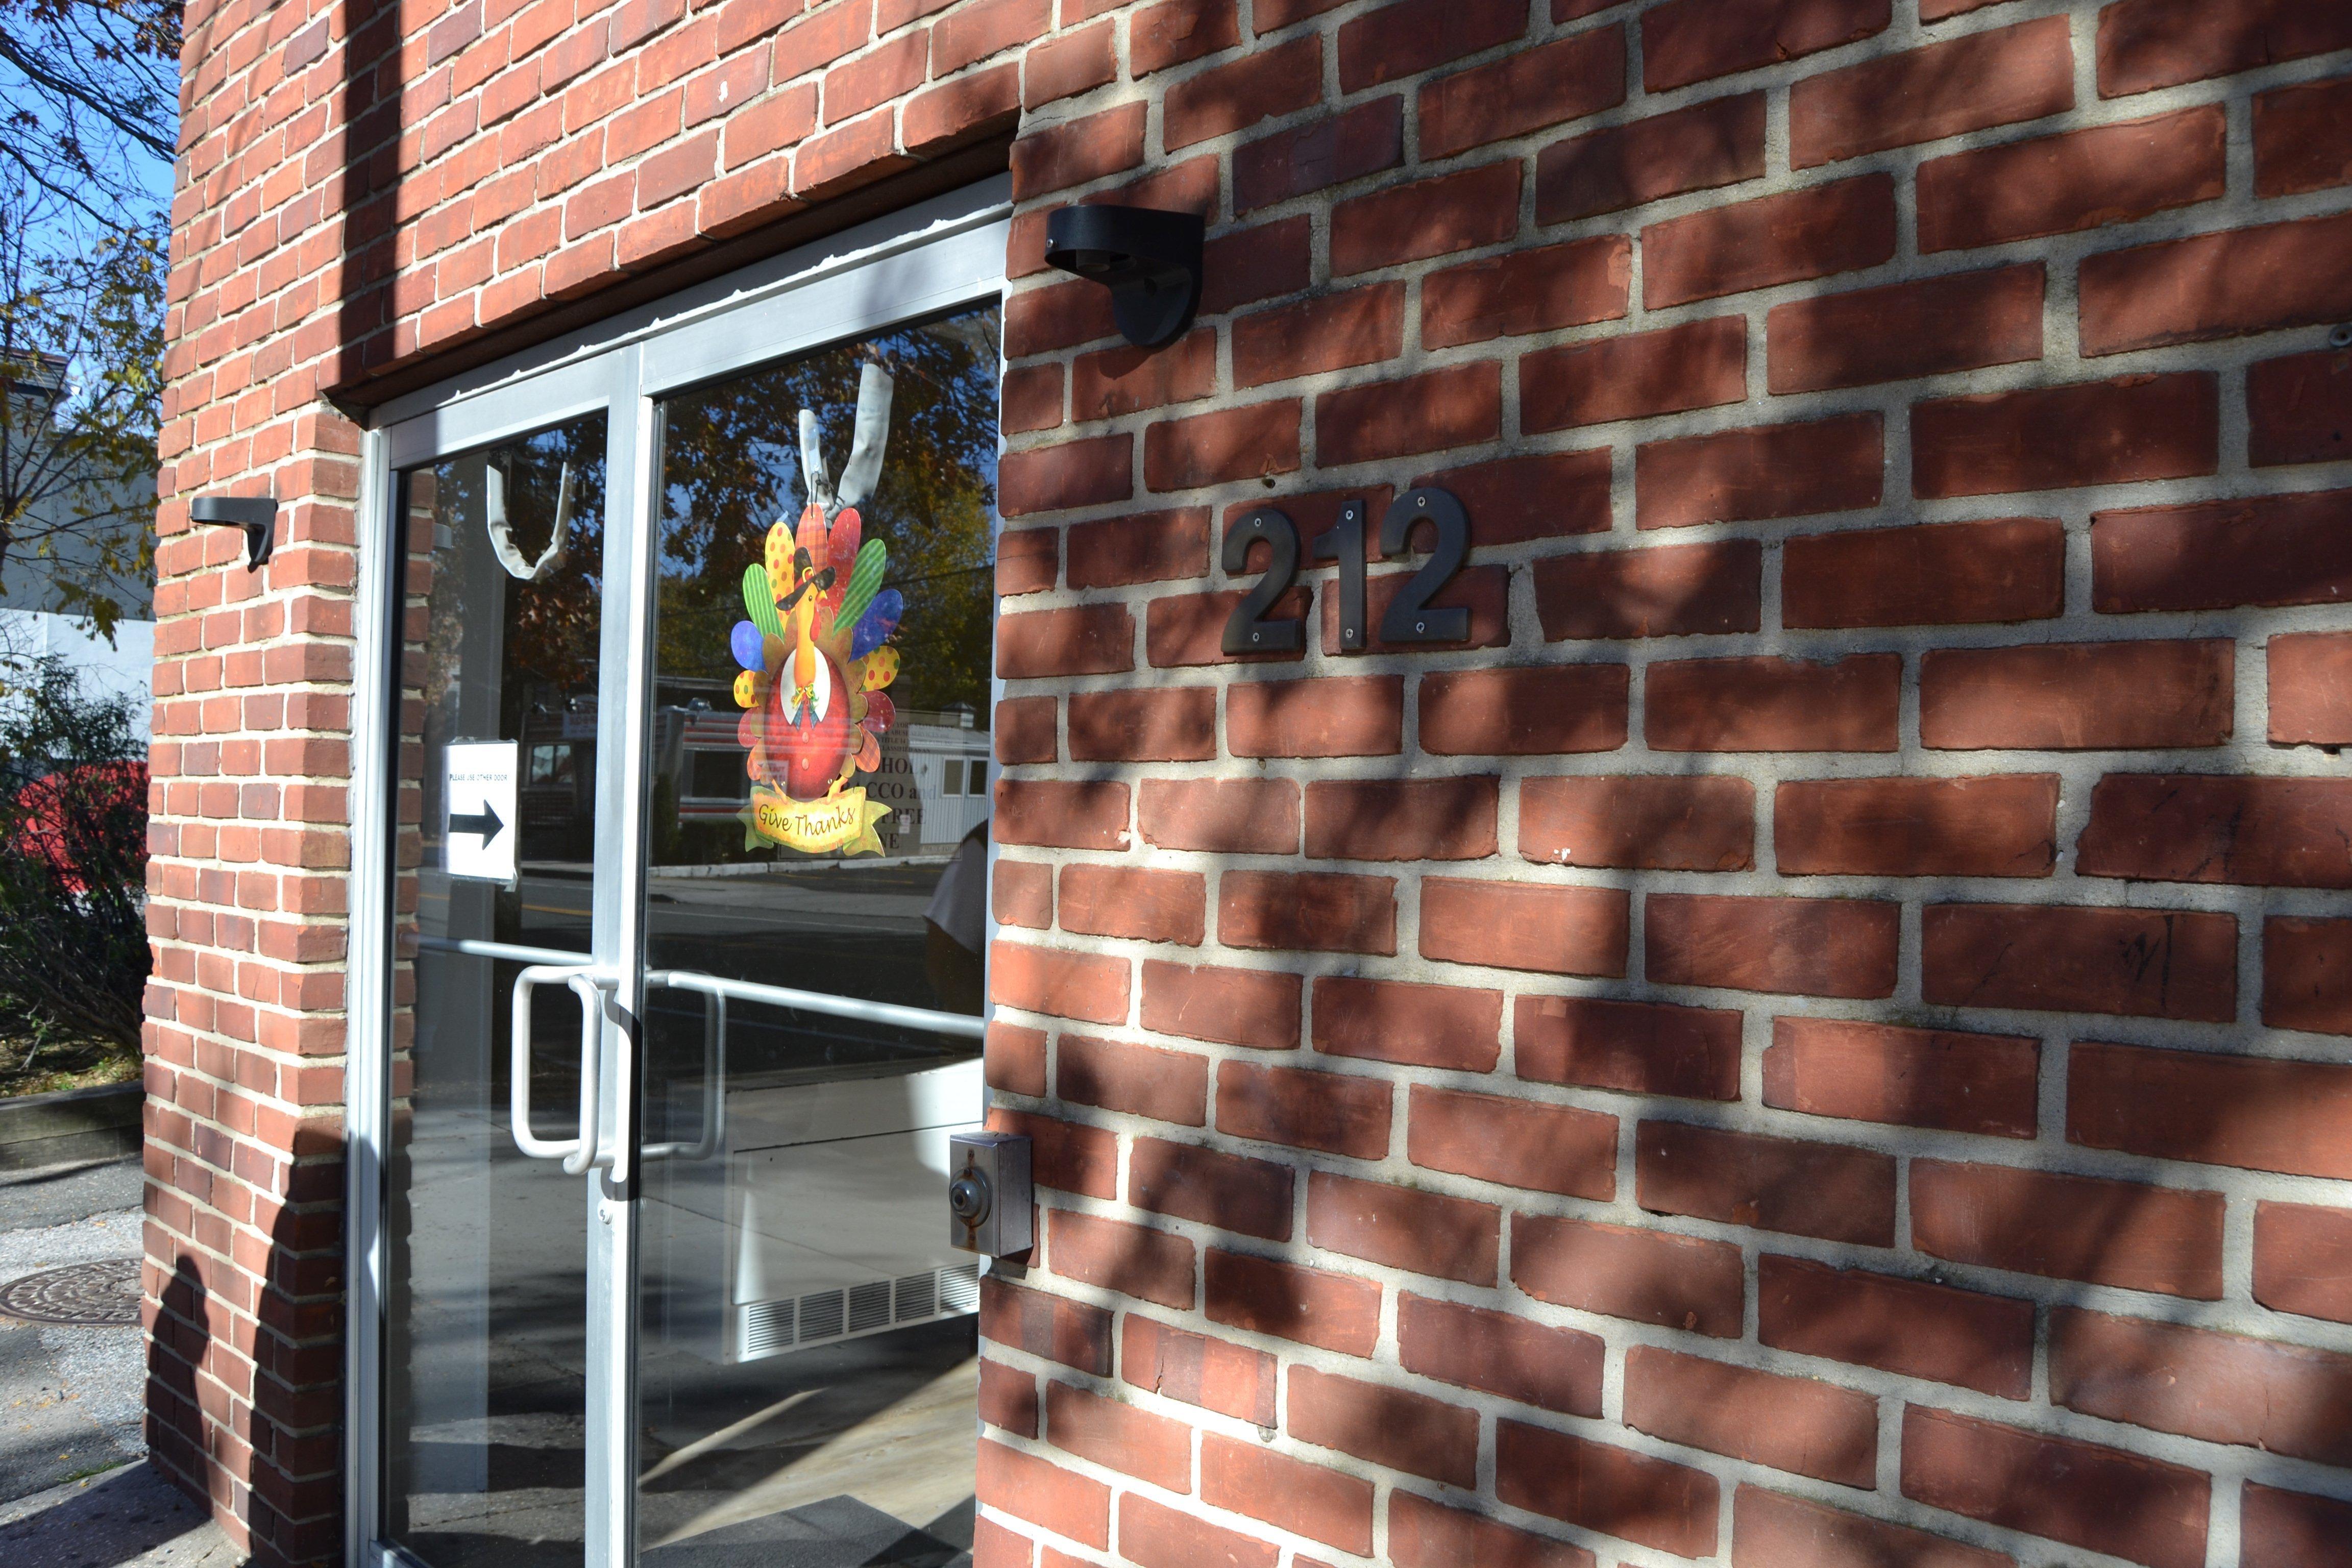 exterior of Seafield drug & alcohol rehab facility - Riverhead NY